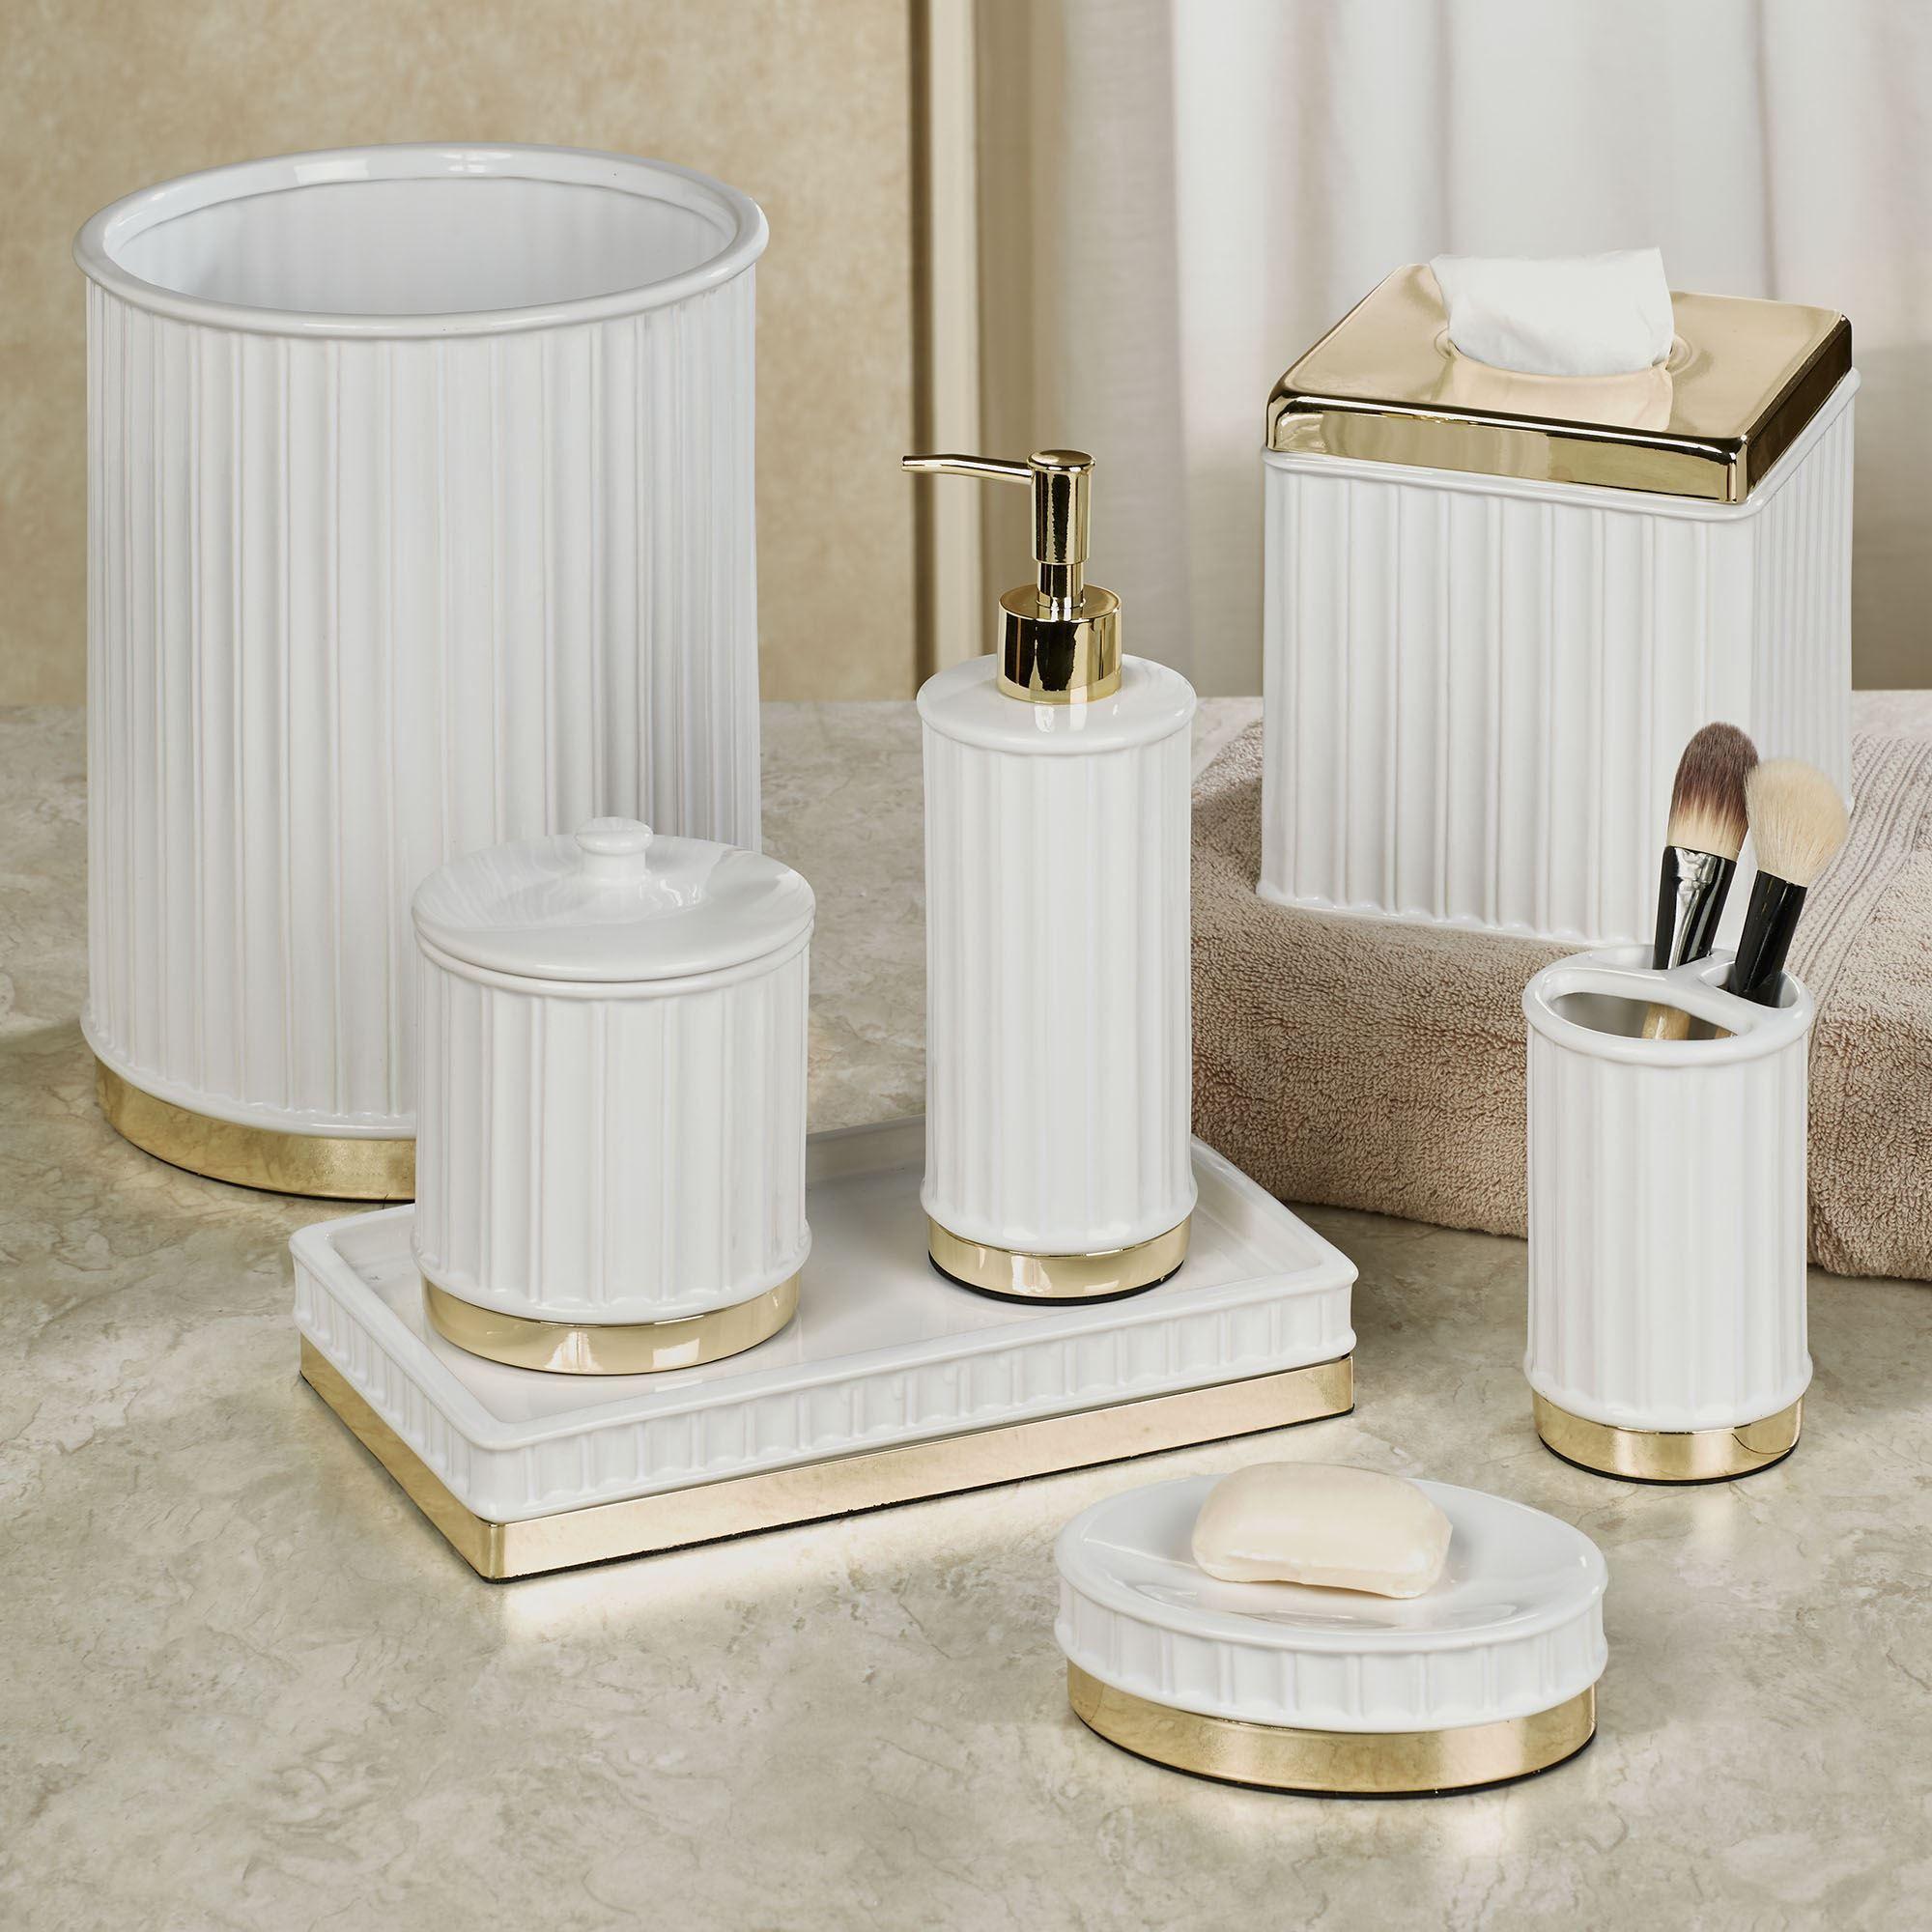 Panache White And Gold Bath Accessories